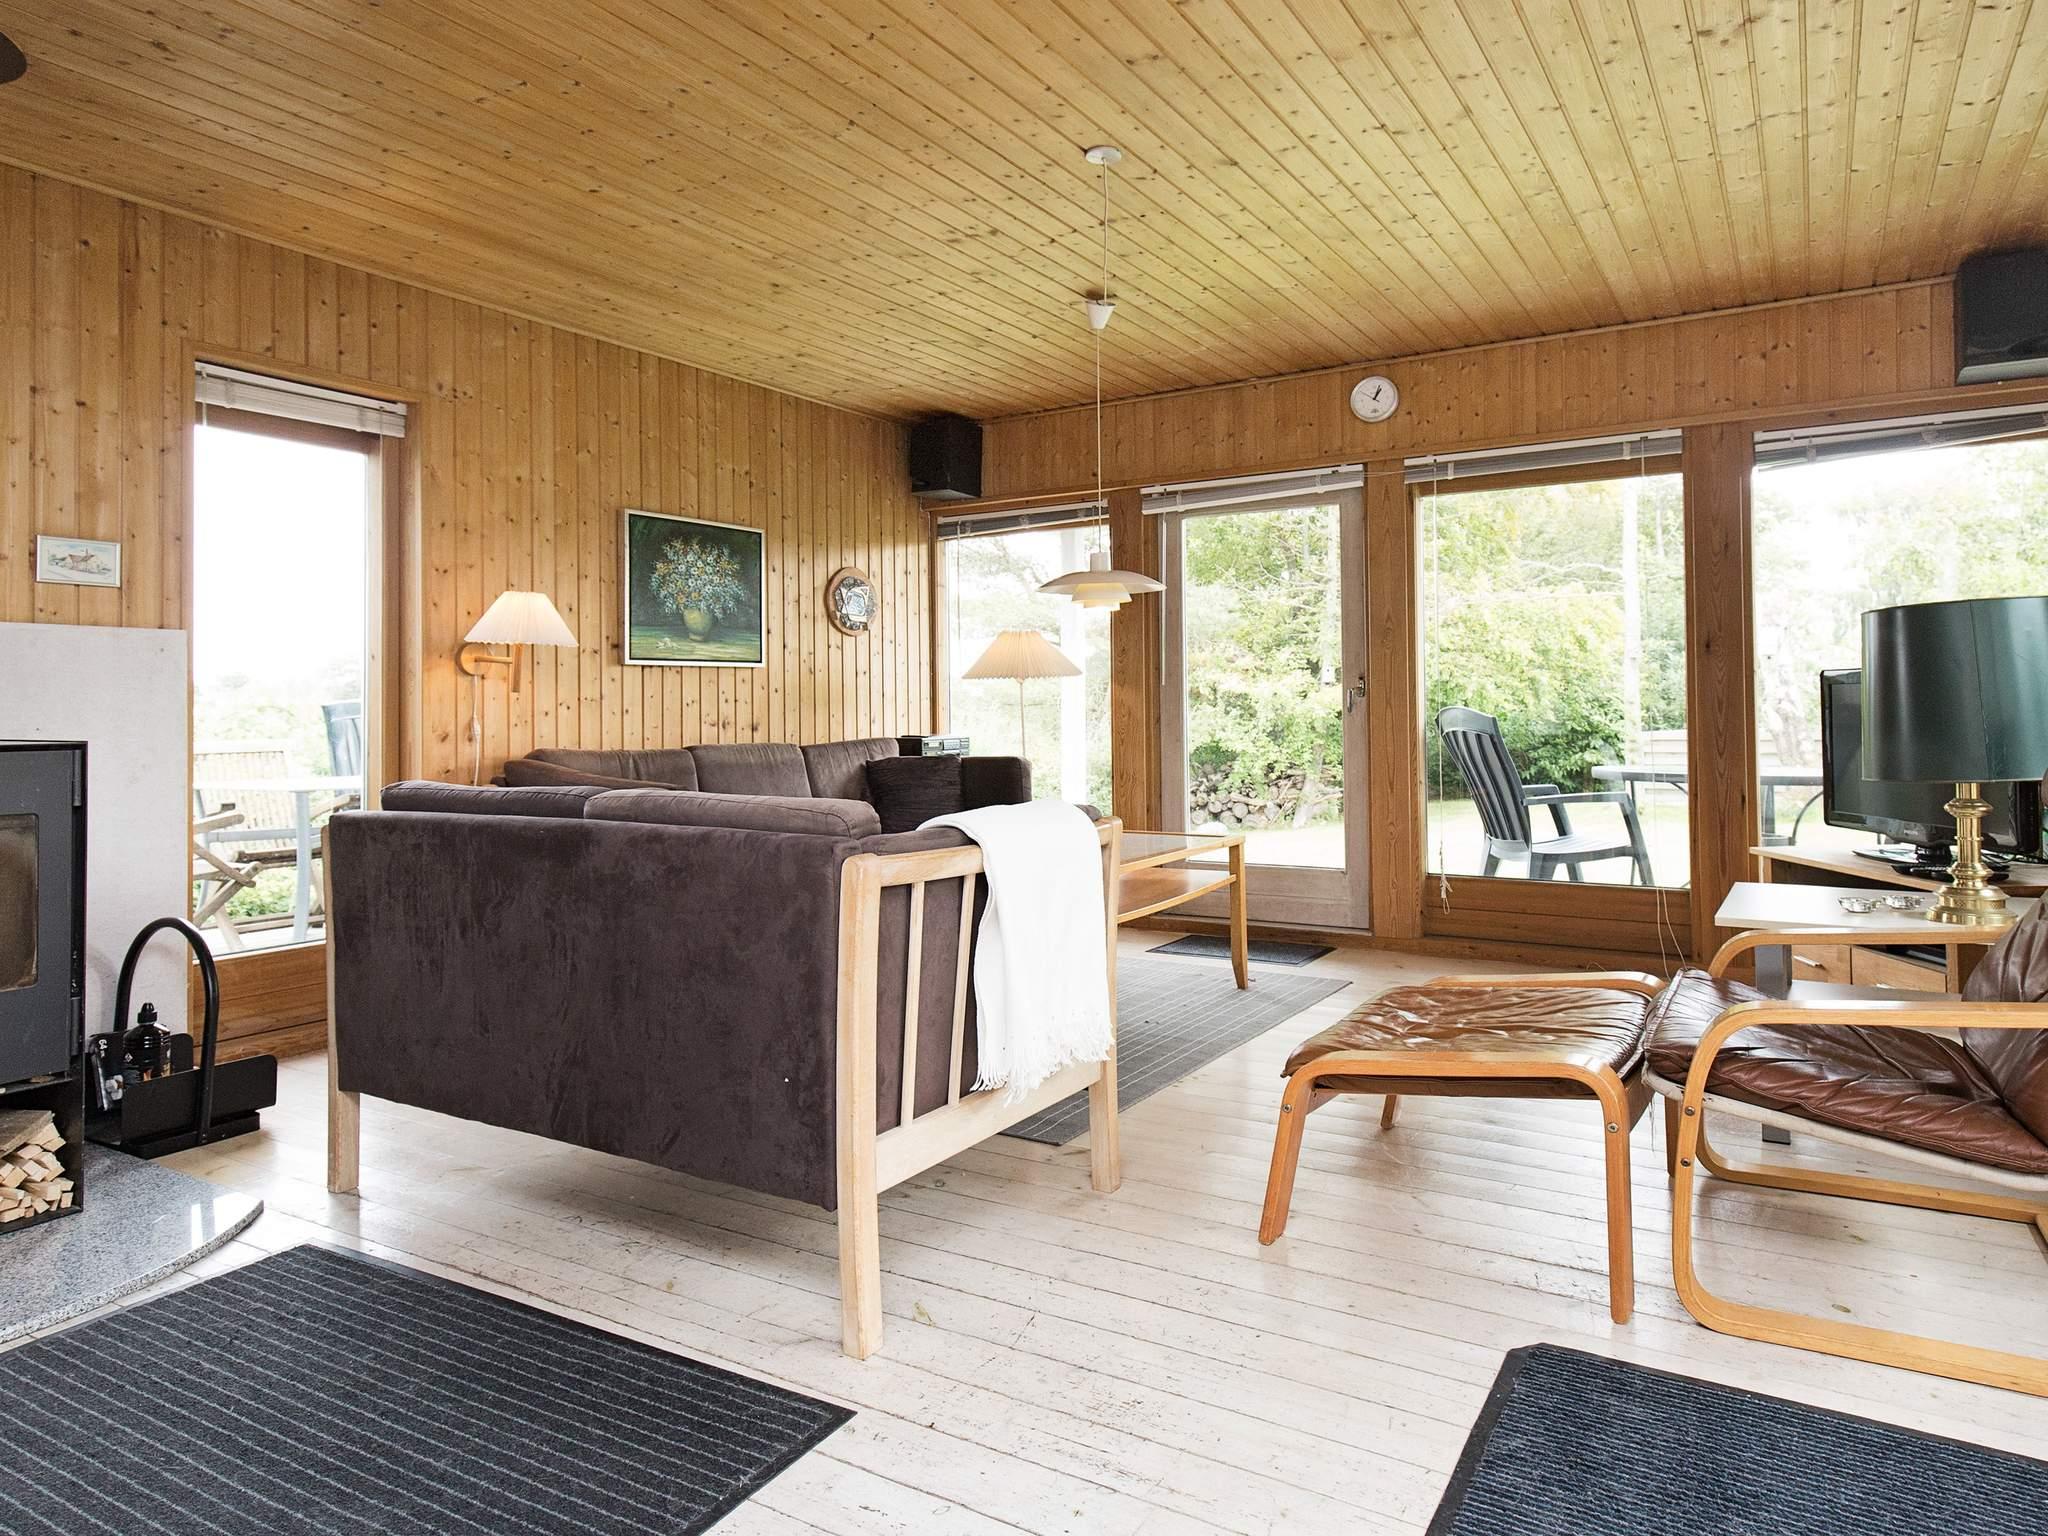 Ferienhaus Enø (85461), Karrebæksminde, , Südseeland, Dänemark, Bild 4